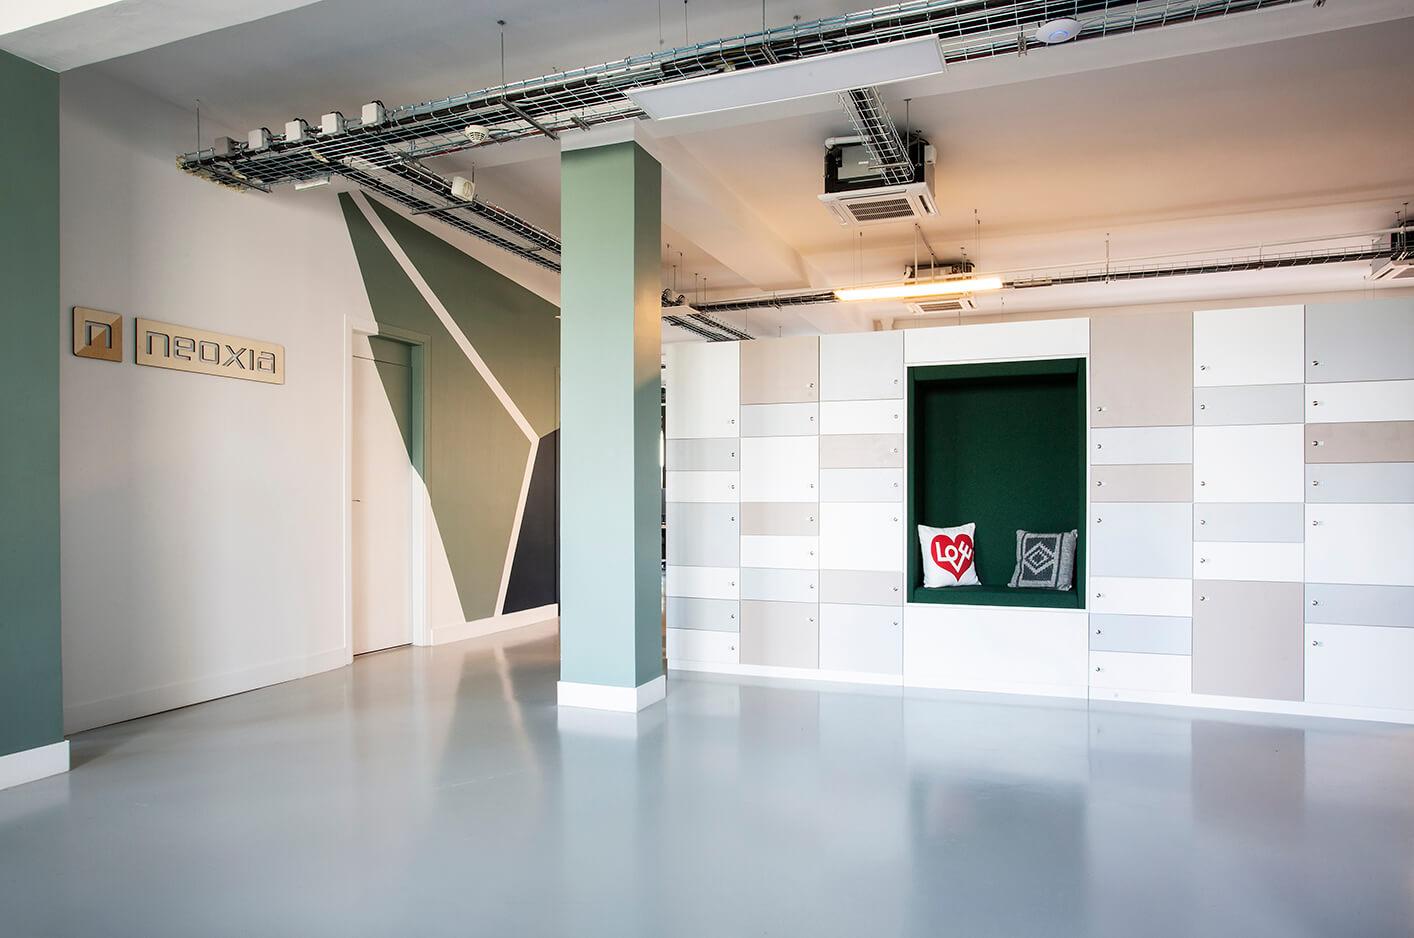 Aménagement espace accueil, casier sur-mesure - Neoxia Paris 8